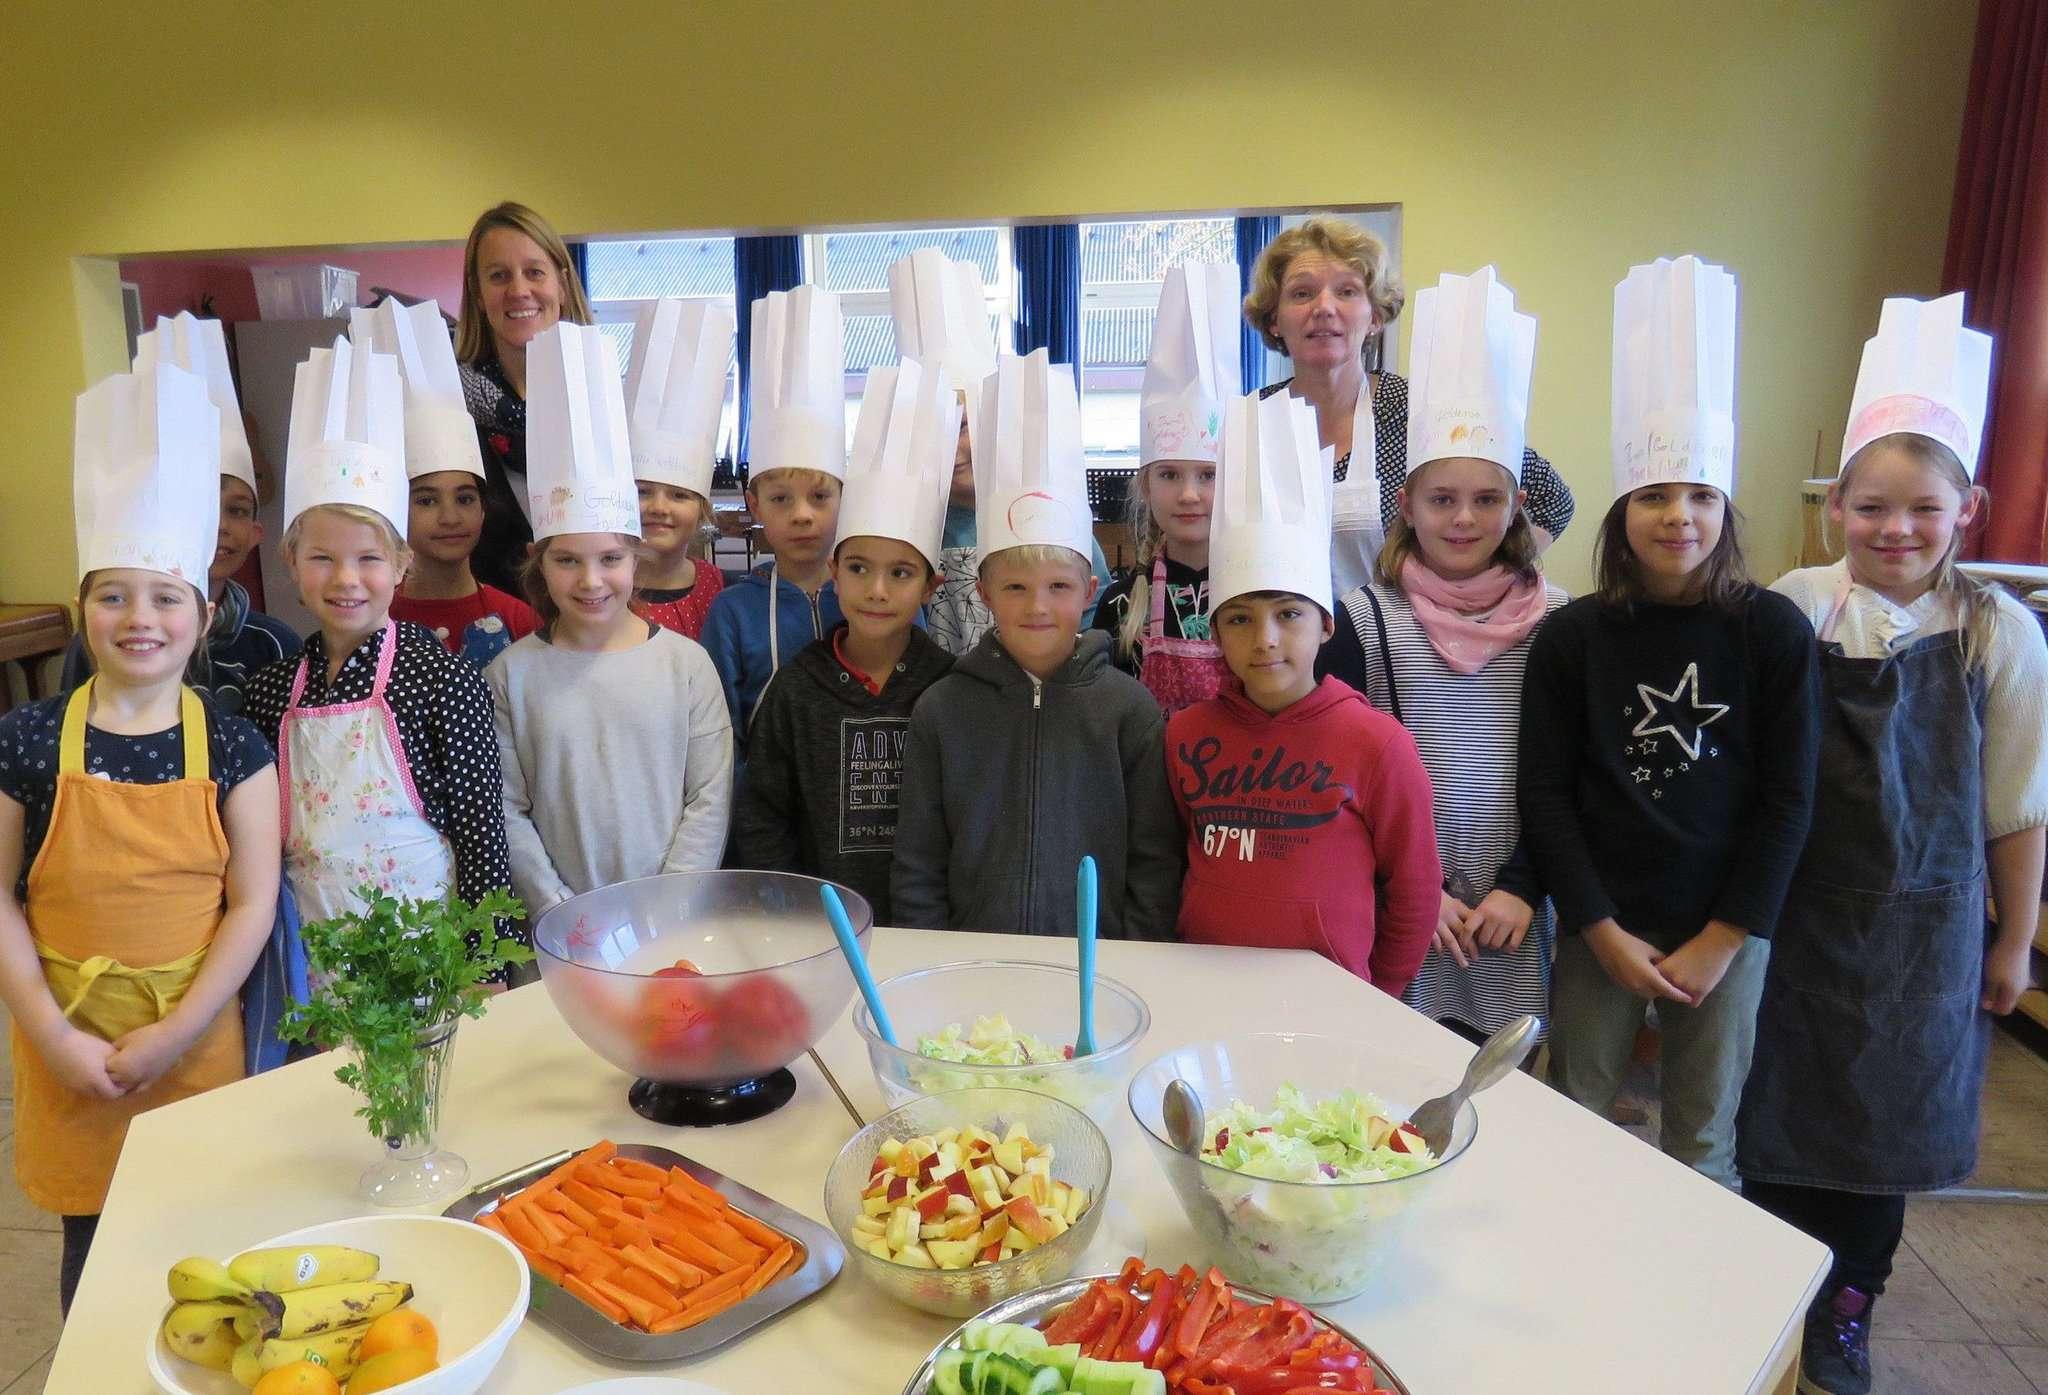 Sogar die schicken Kochmützen für die Nachwuchsköche waren selbstgefertigt.  Foto: Elke Keppler-Rosenau